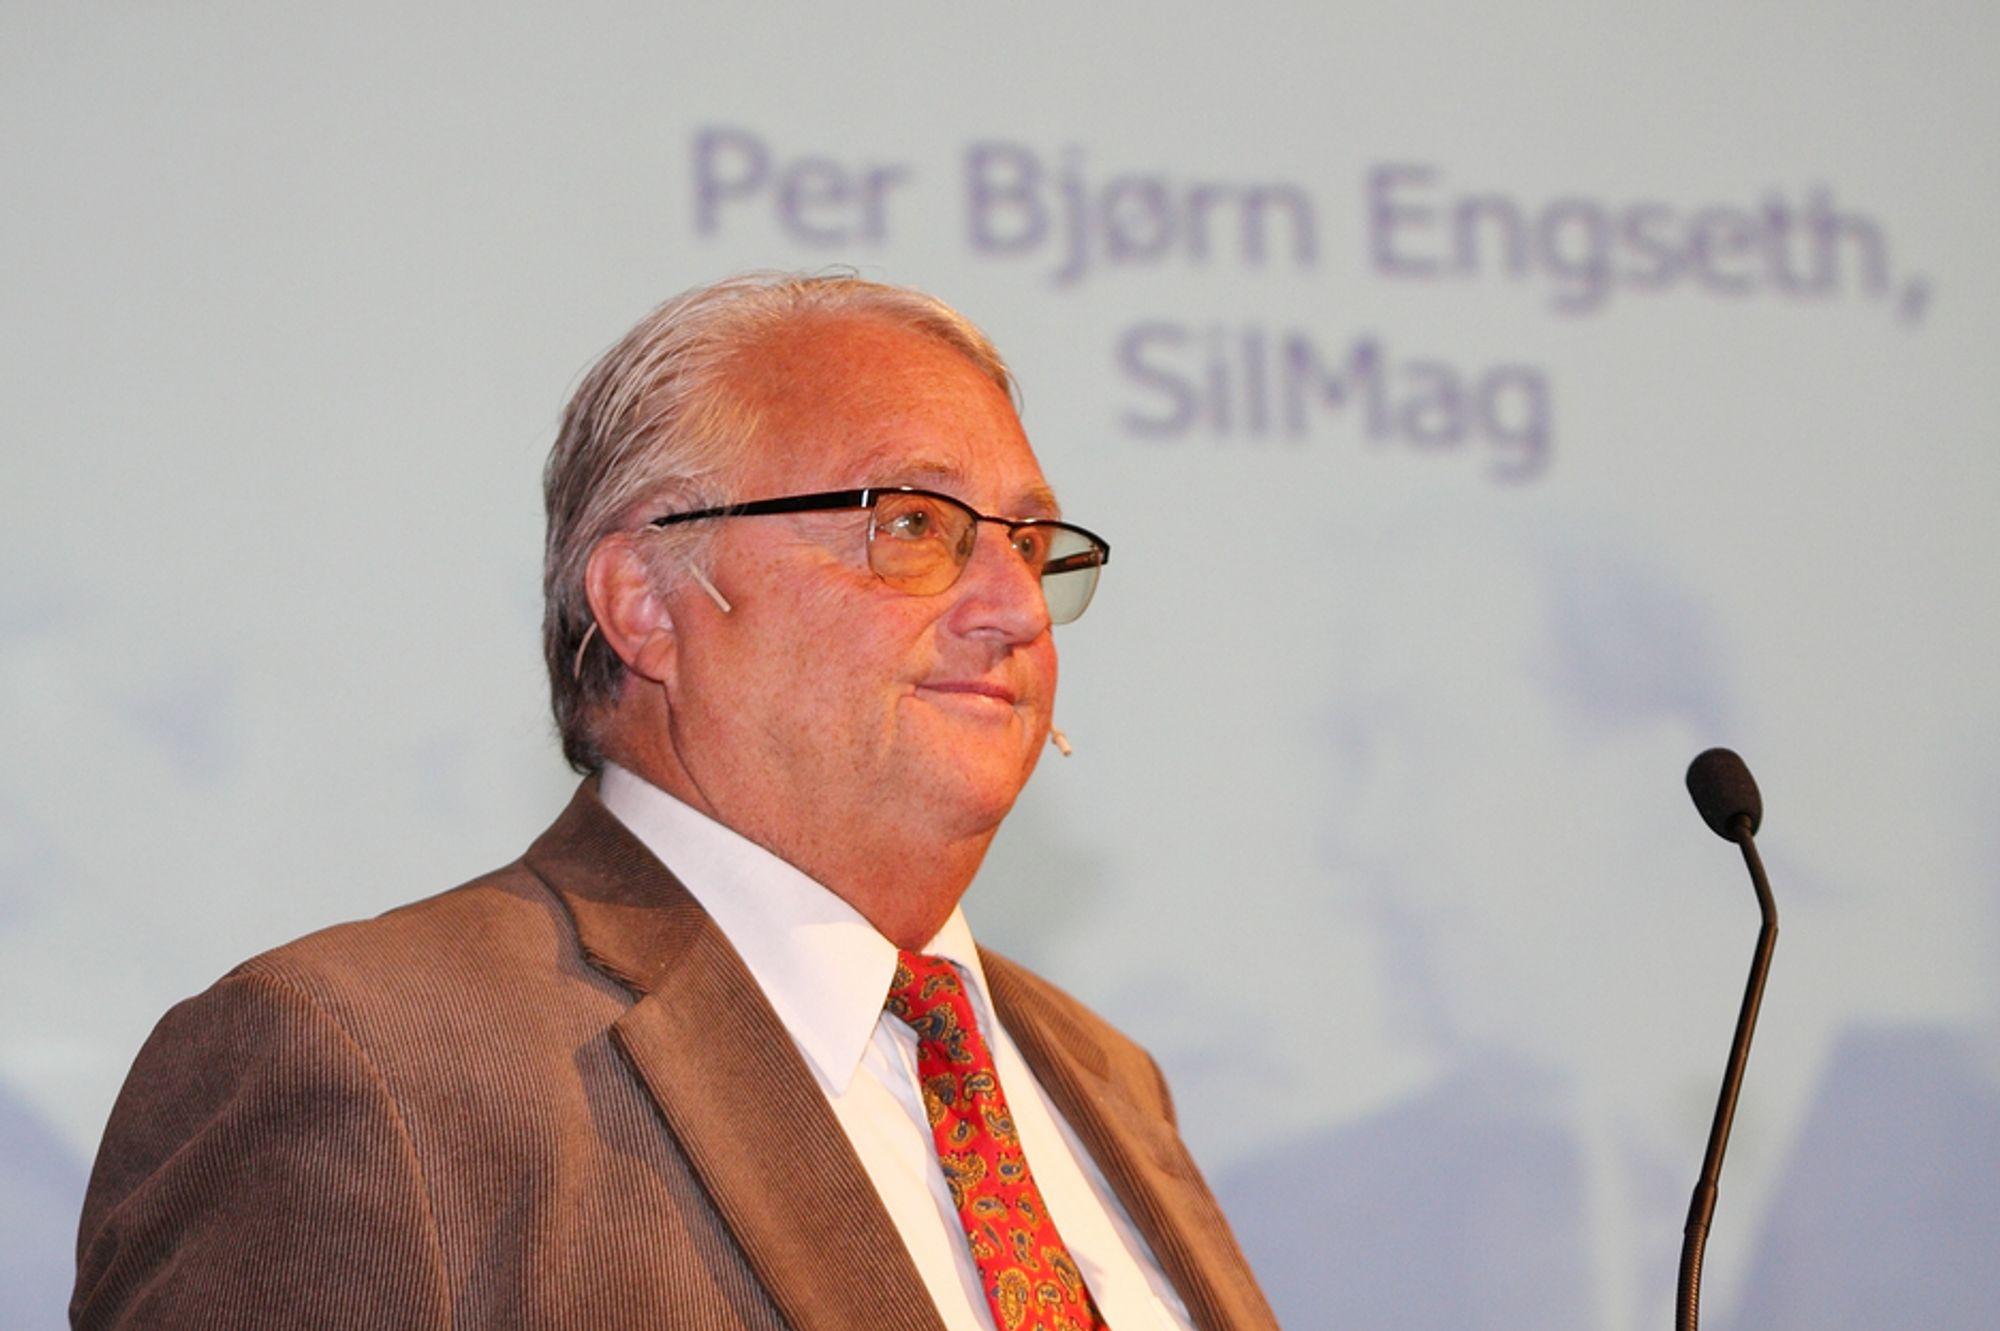 """NY TEKNOLOGI: - Det å reise 100 millioner kroner til et utviklingsprosjekt er ikke lett, sier Per Bjørn Engseth, daglig leder for SilMag. Han har fått oppgaven med å få """"Magnesiumen"""" tilbake til Herøya, ett drøyt tiår etter at produksjonen ble nedlagt."""